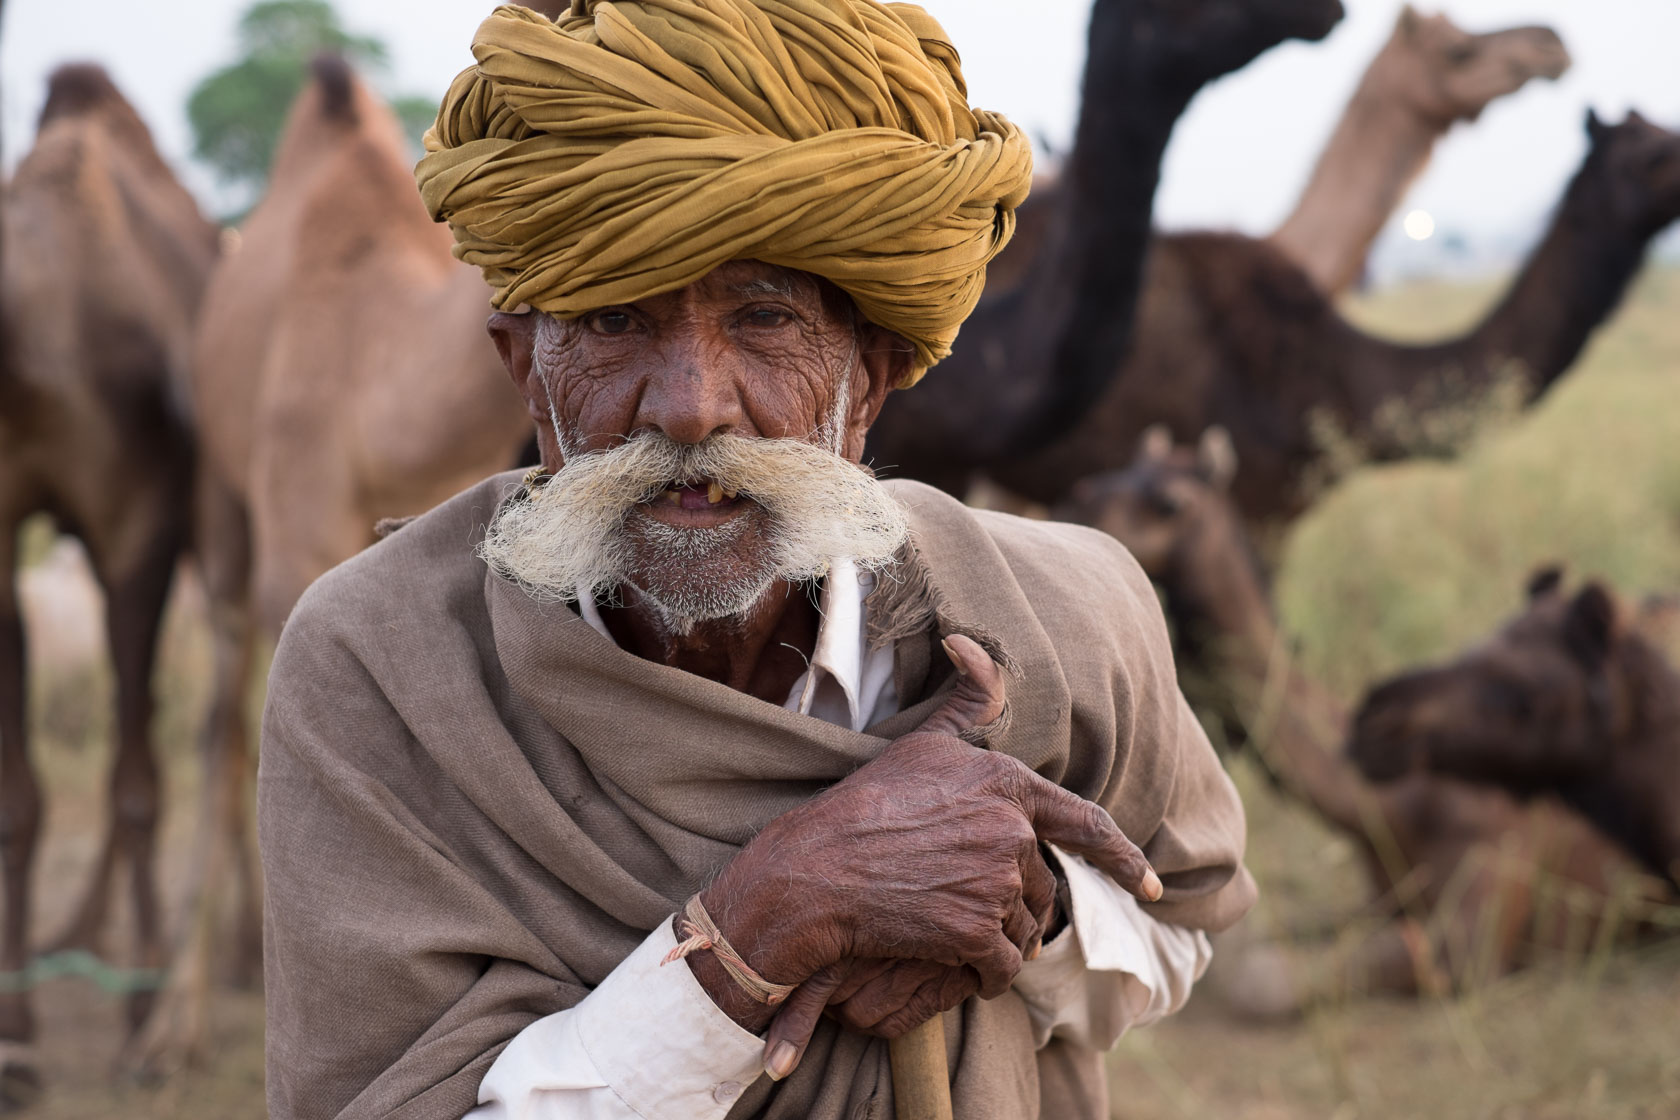 Camel Trader, Pushkar India